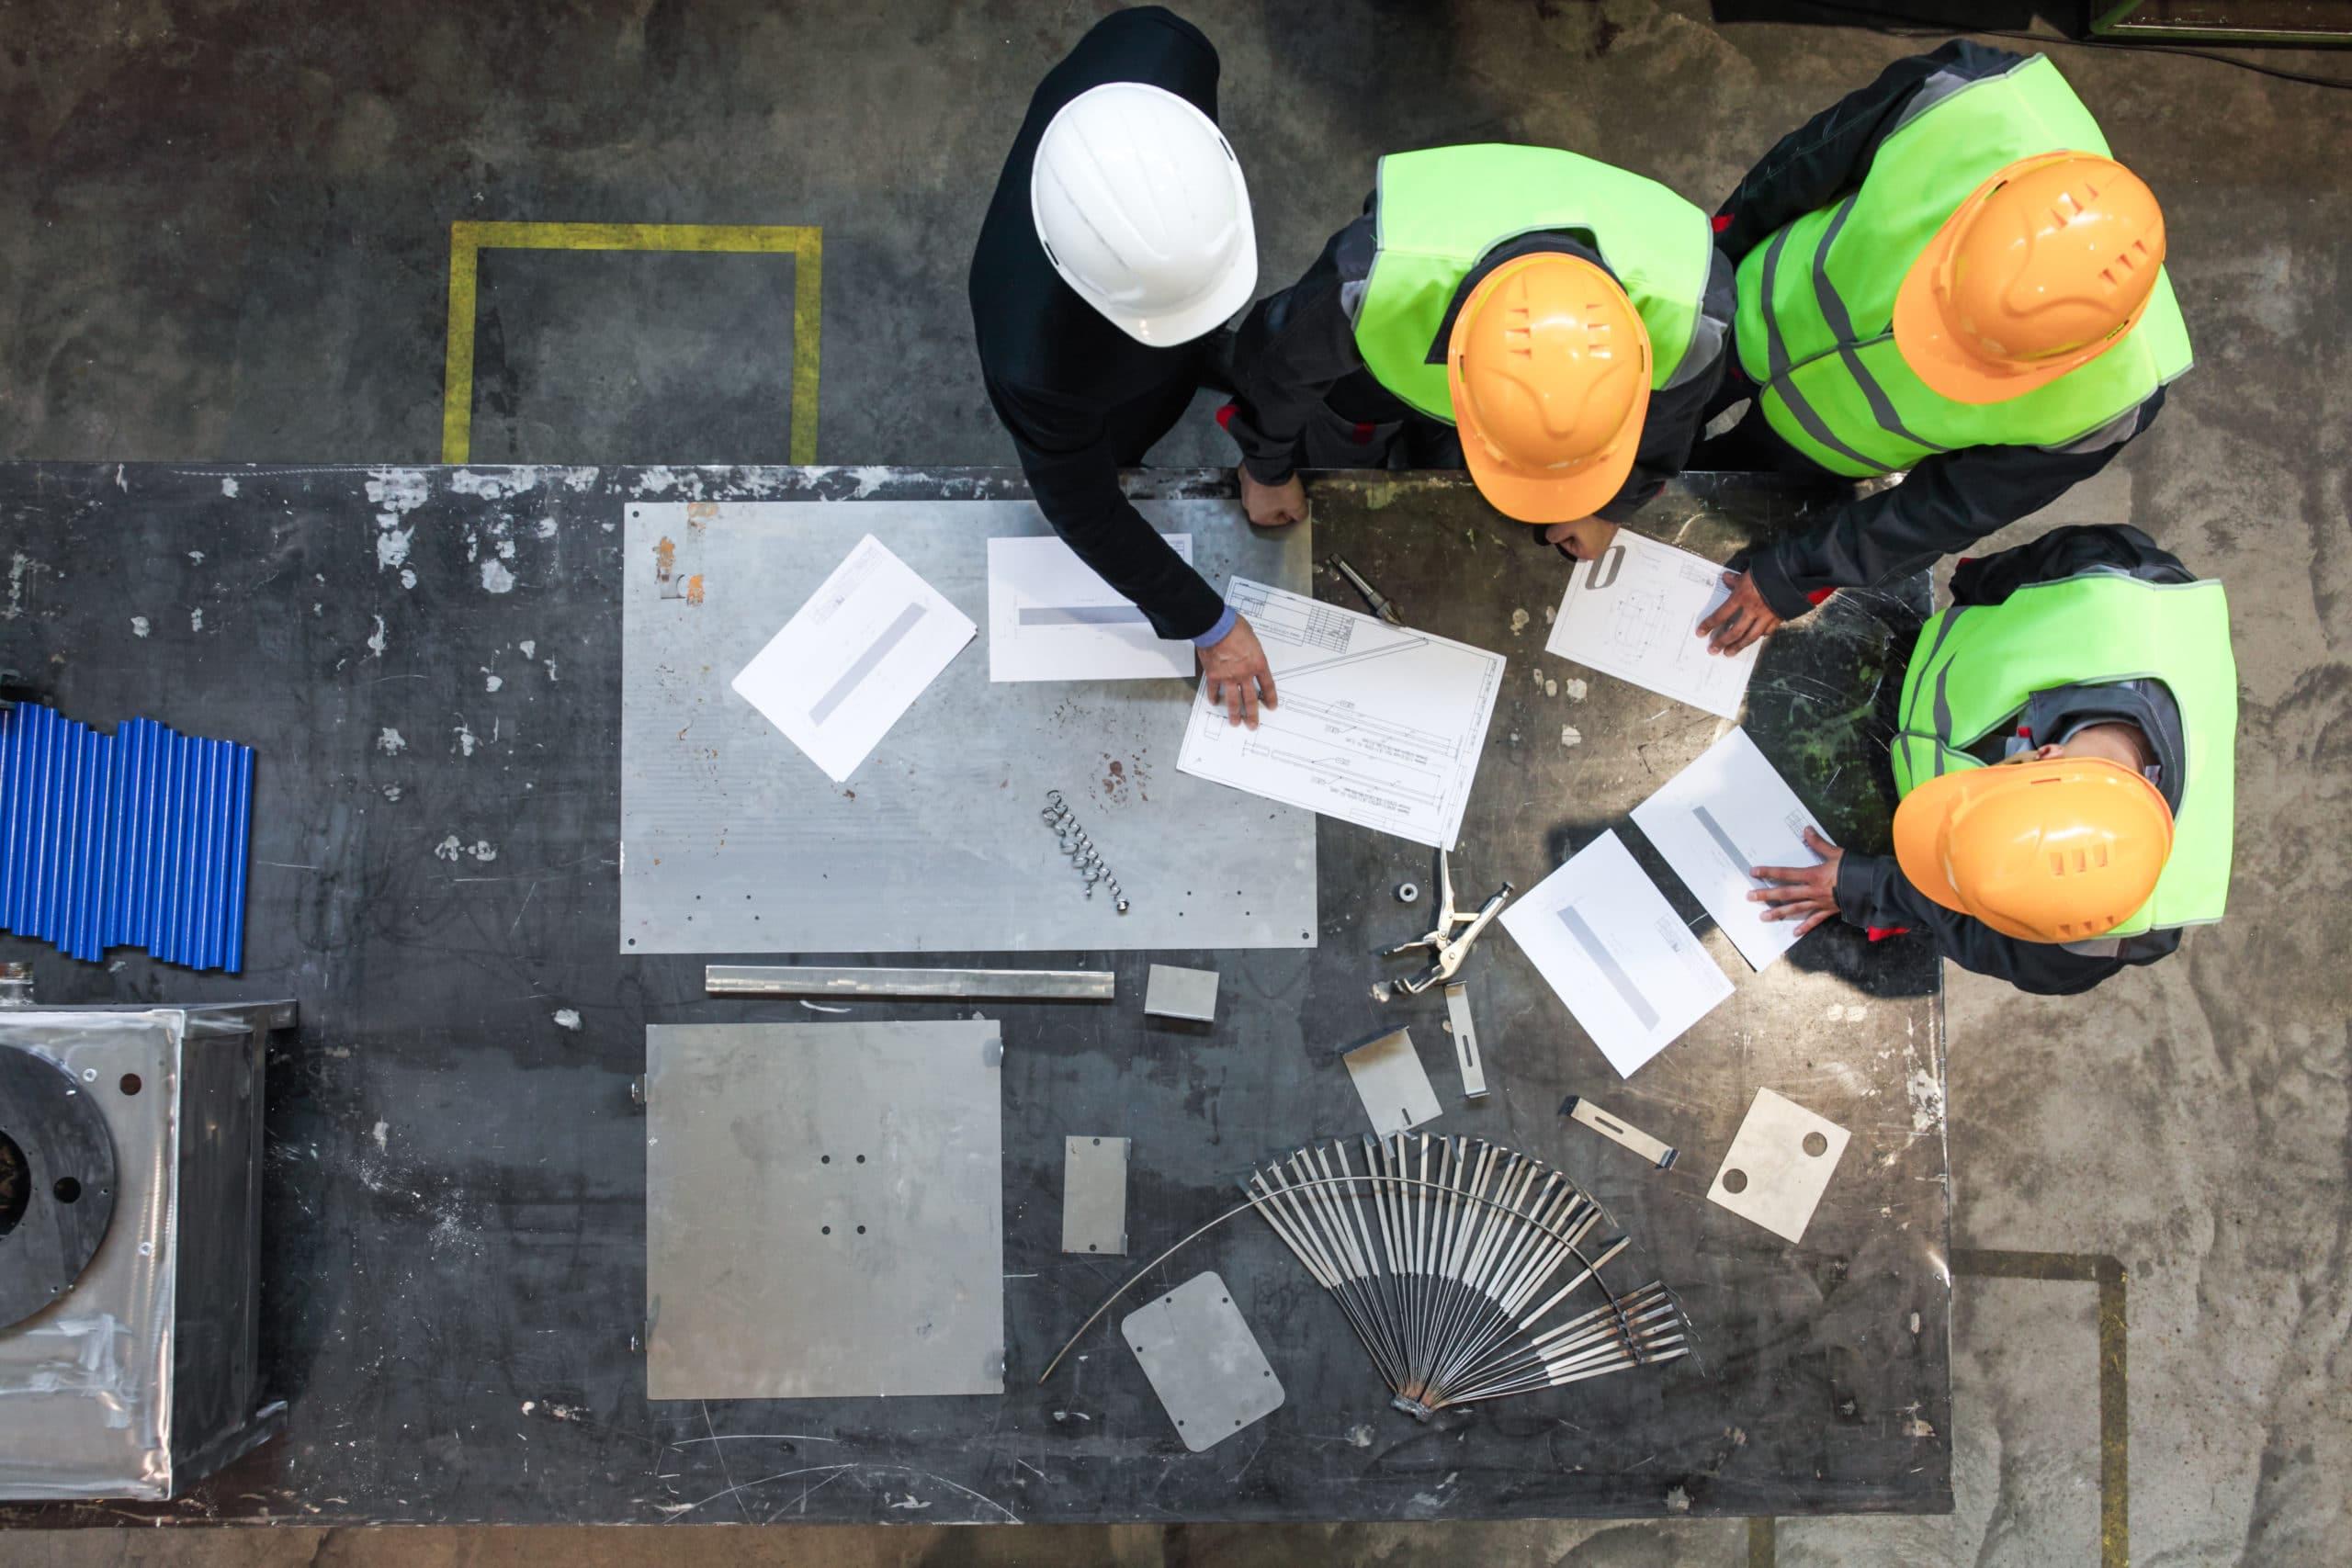 Ingénieurs étudiant des plans sur un chantier